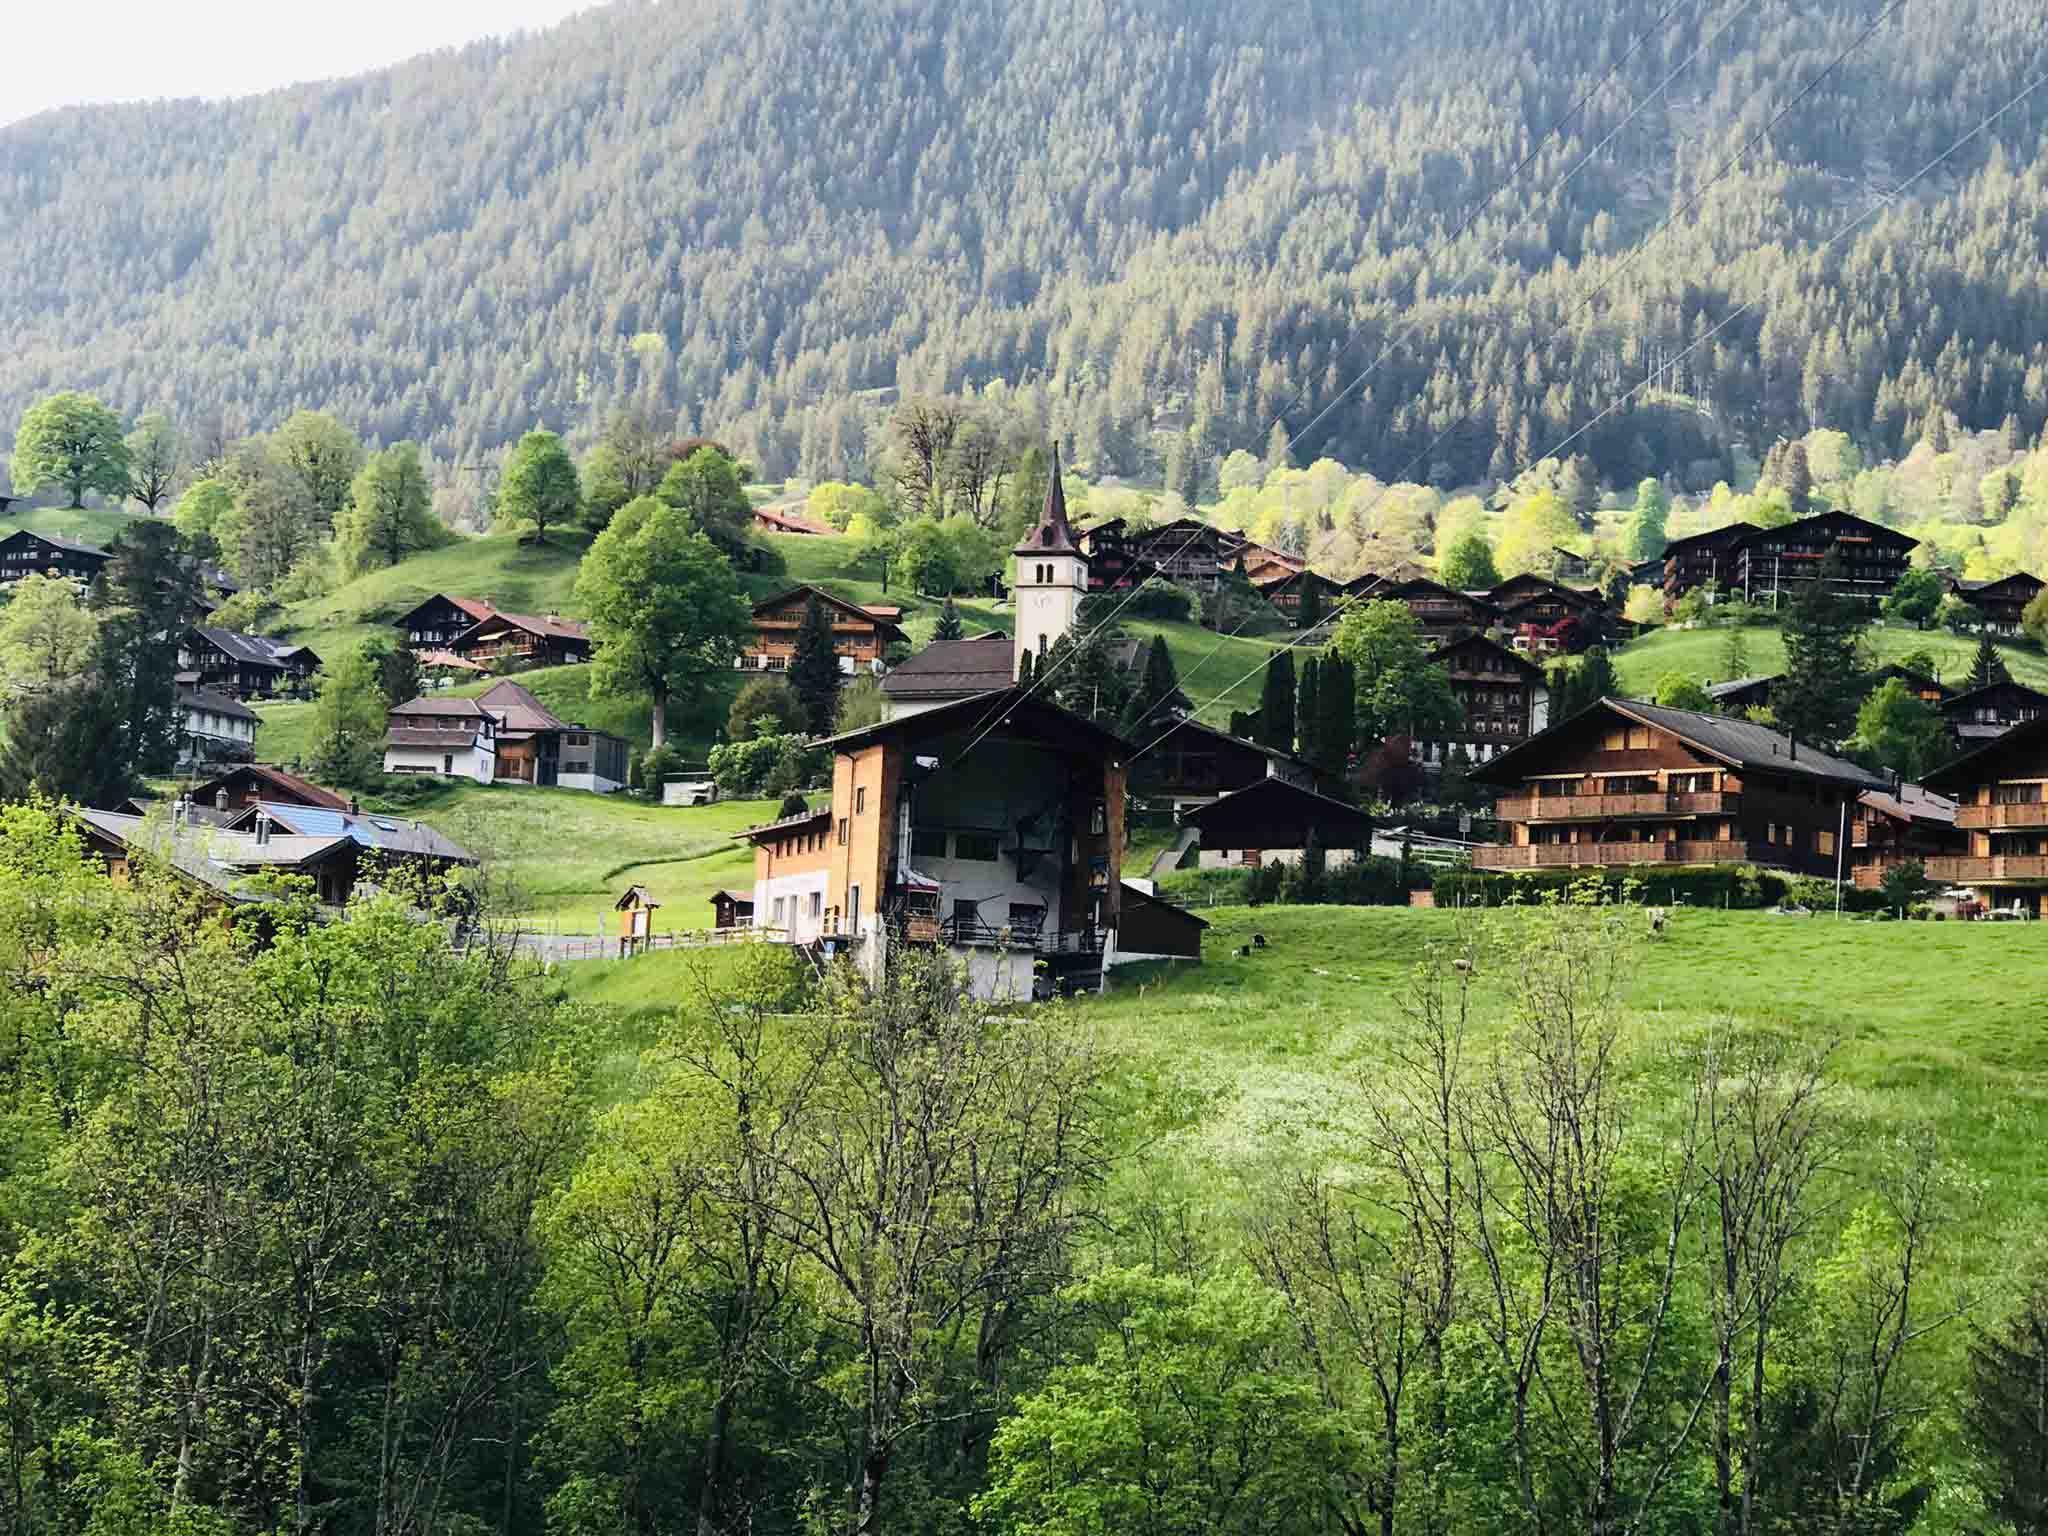 Ferienwohnung Chalet Anemone Grindelwald - Pfingstegg